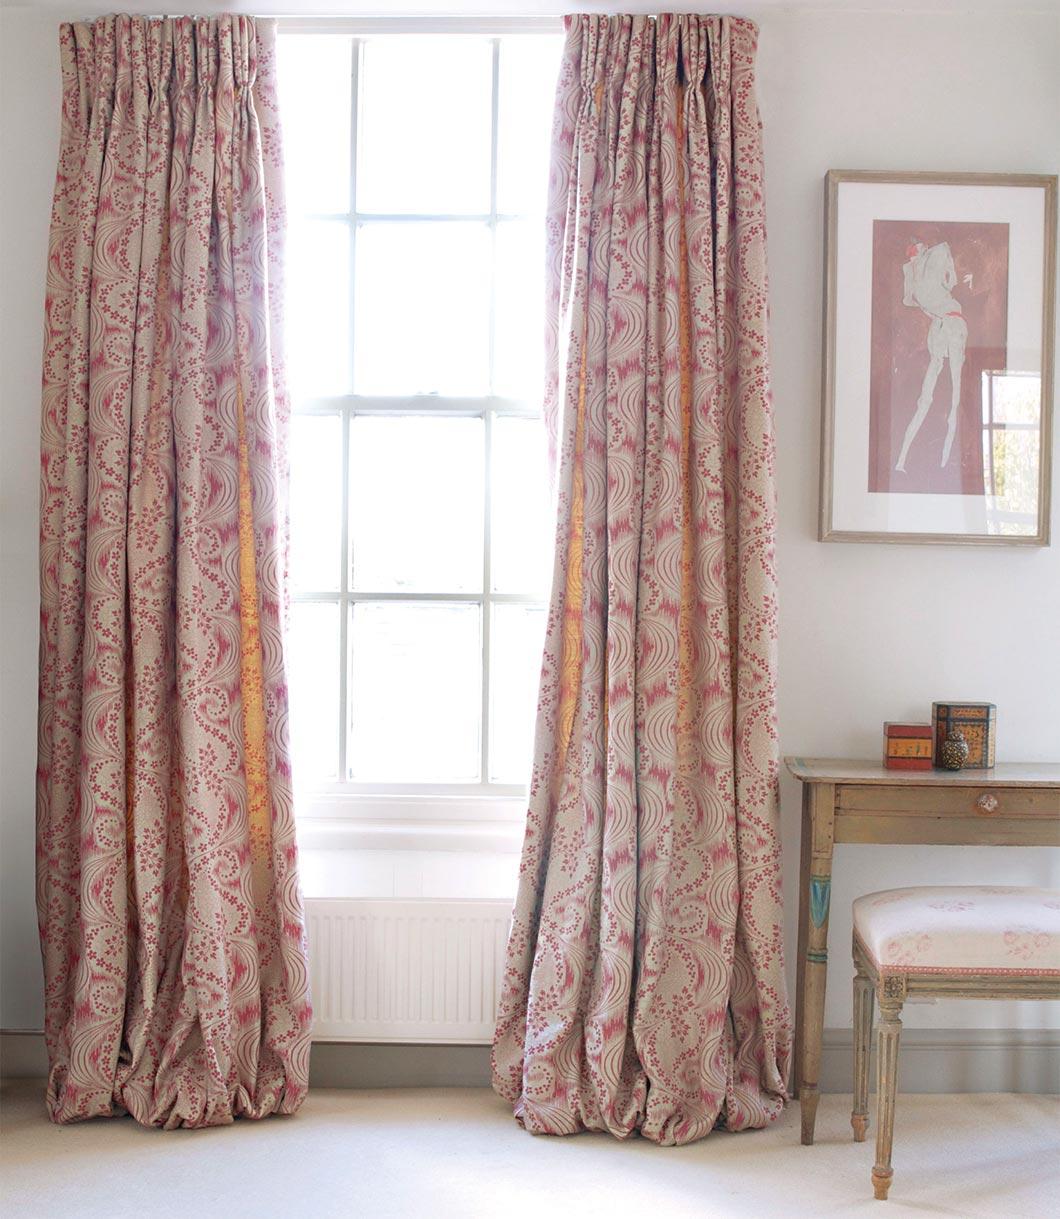 Celeste Pink Curtains v2